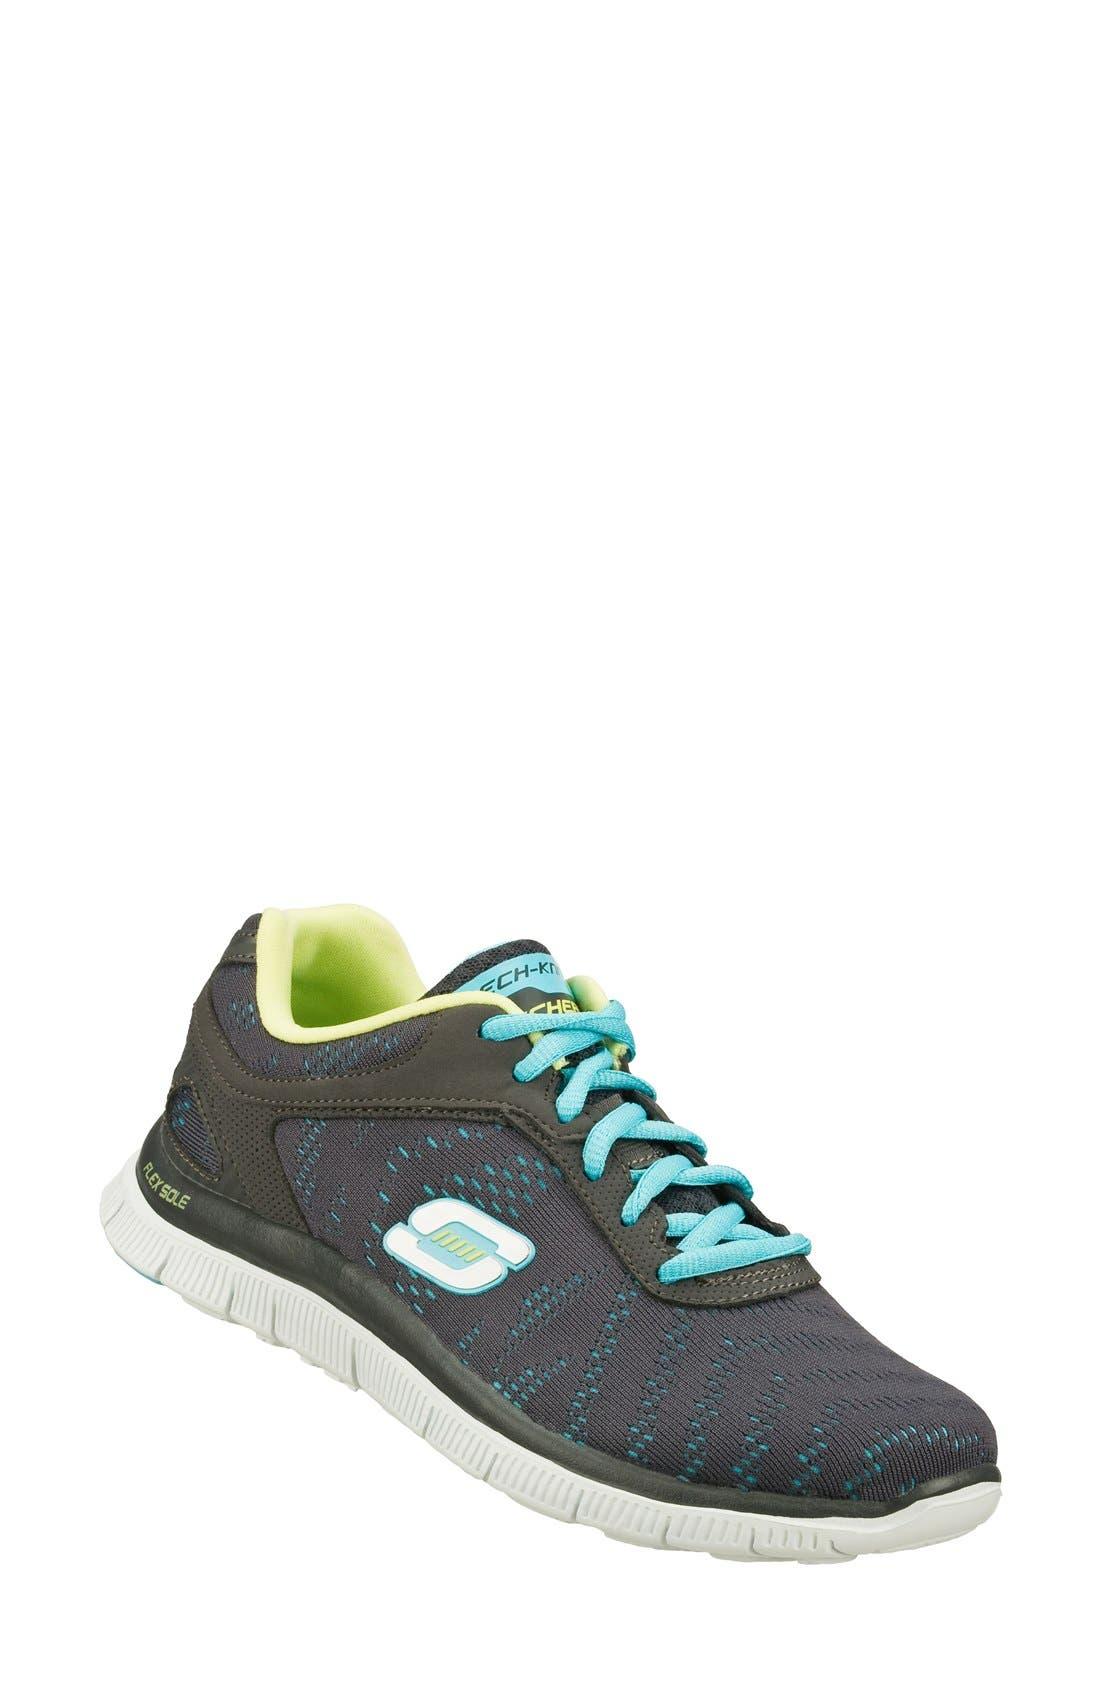 Main Image - SKECHERS 'Flex Appeal - First Glance' Walking Shoe (Women)